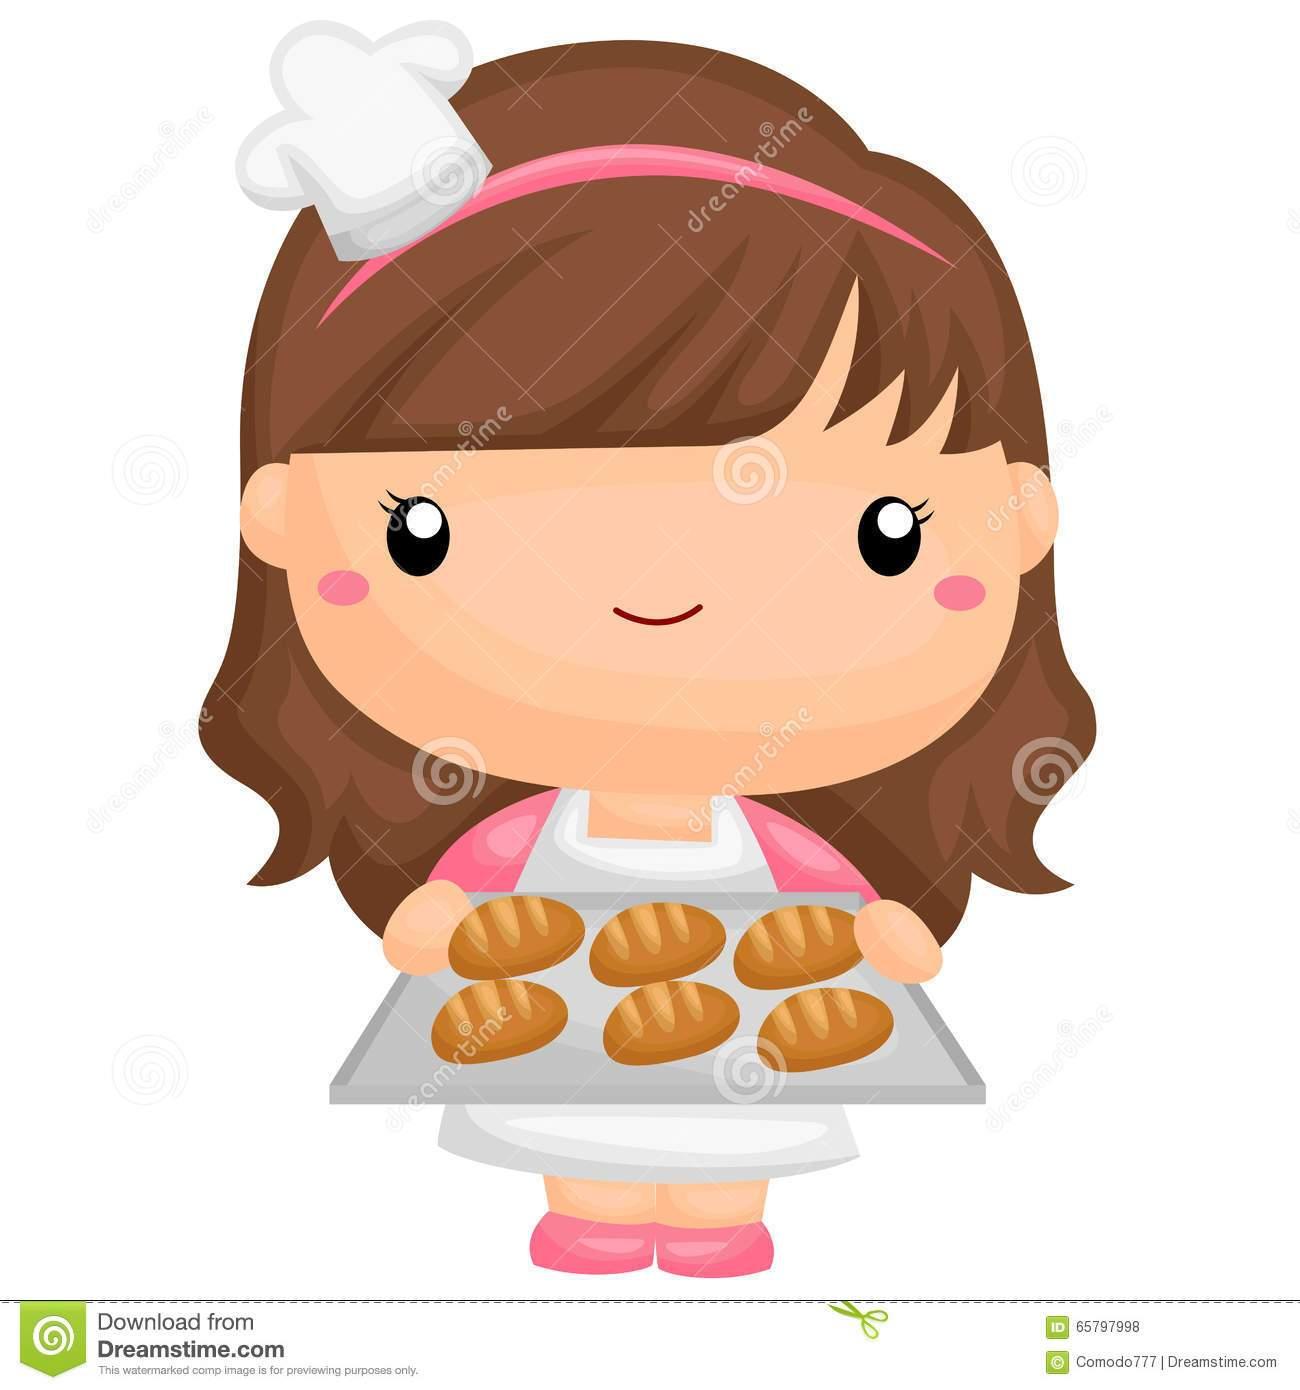 Baker girl clipart 1 » Clipart Portal.